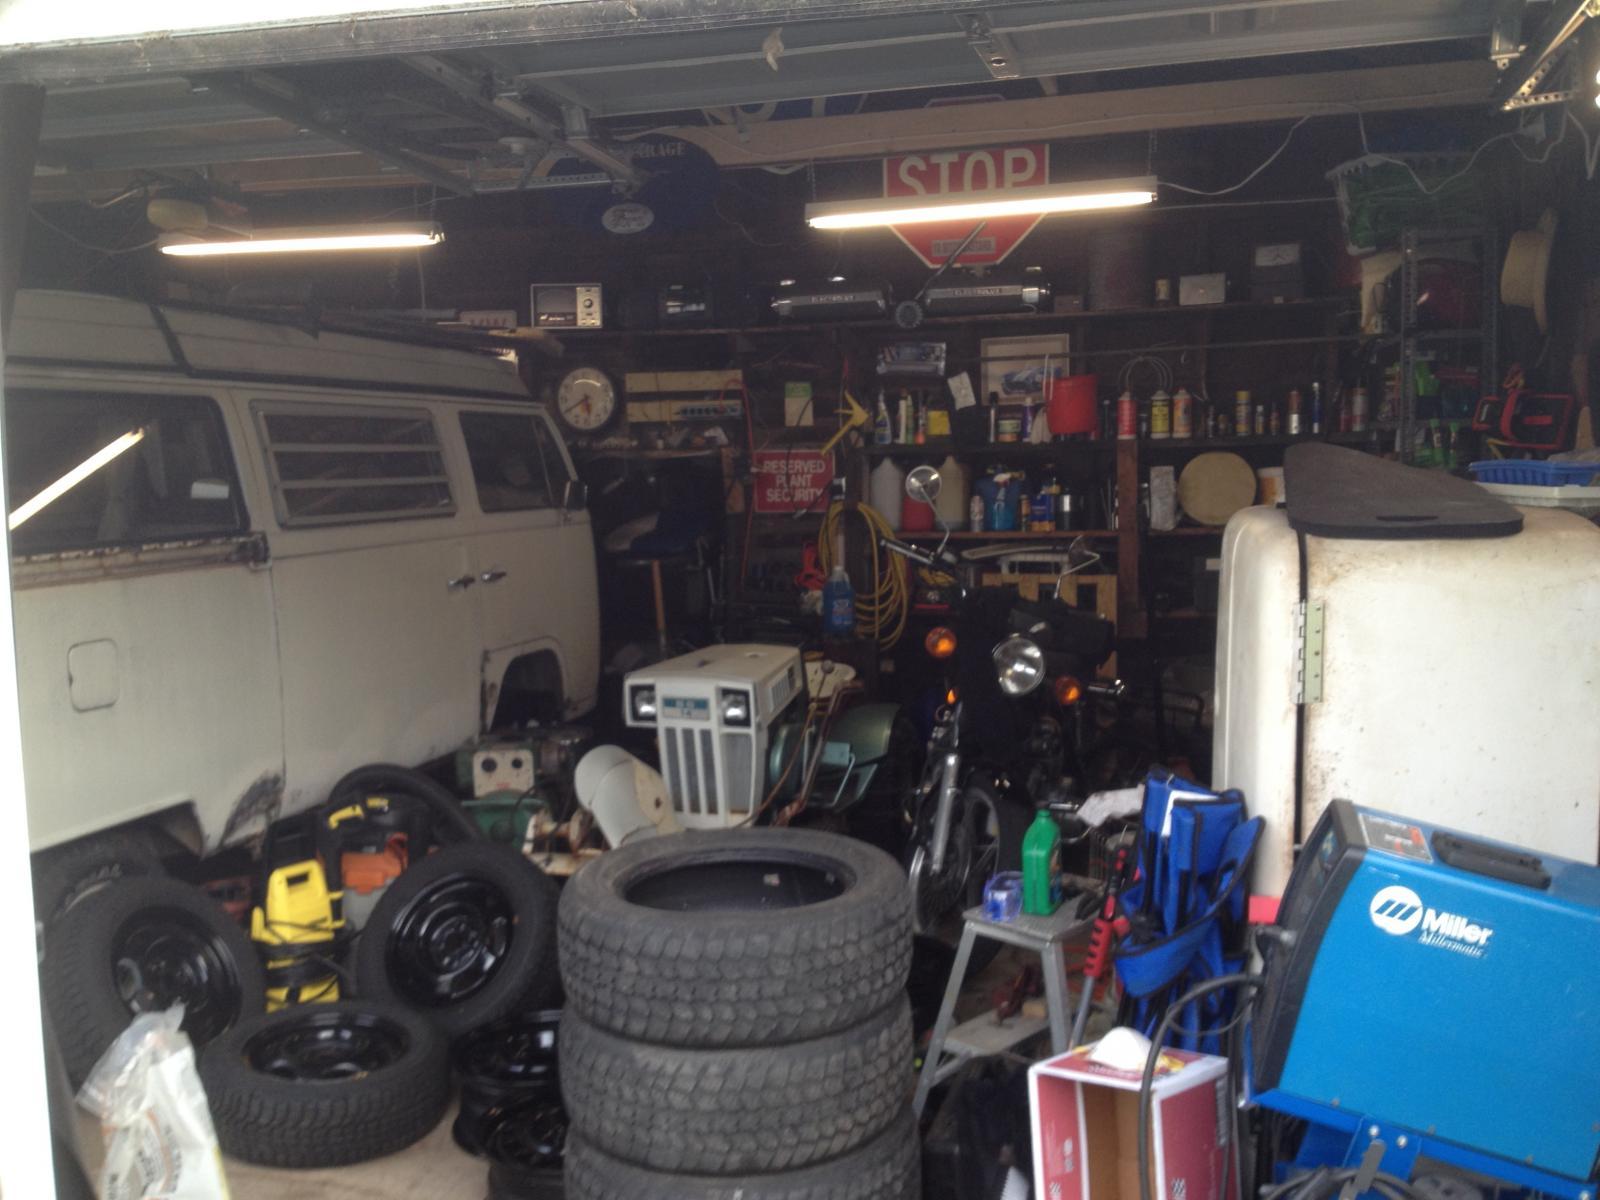 '69 Westy garage still life